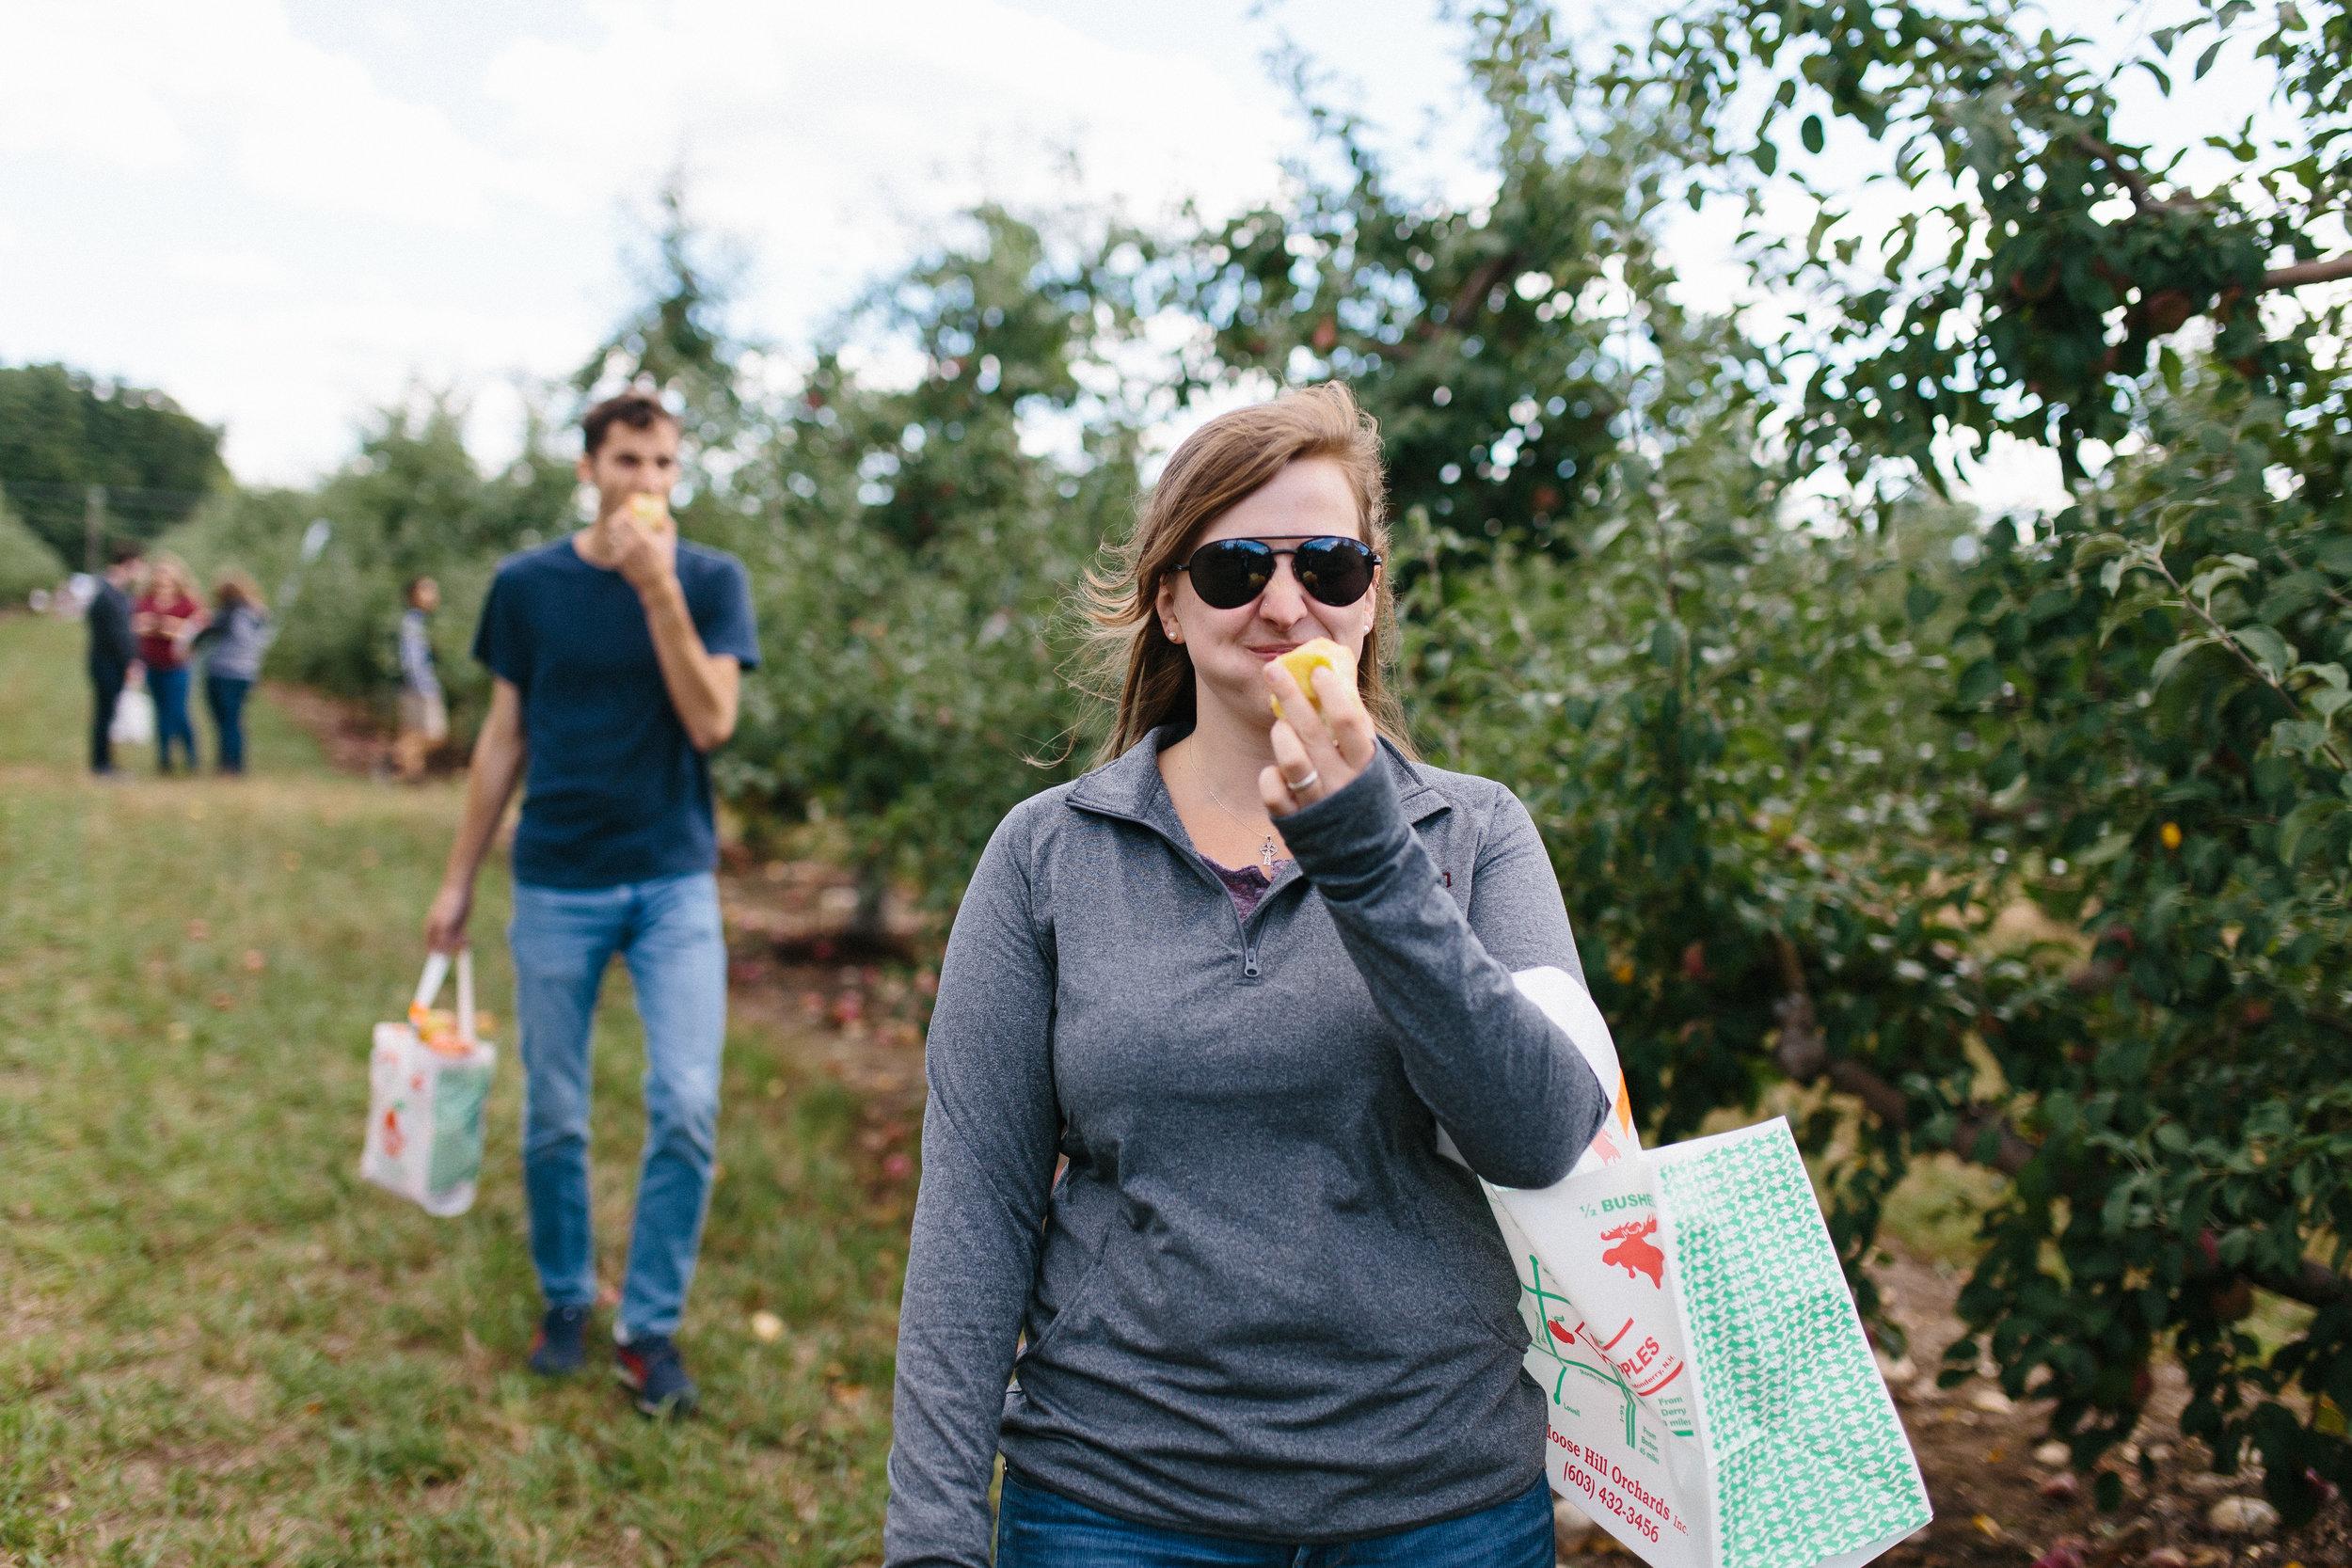 Katie Palmer Bites an Apple